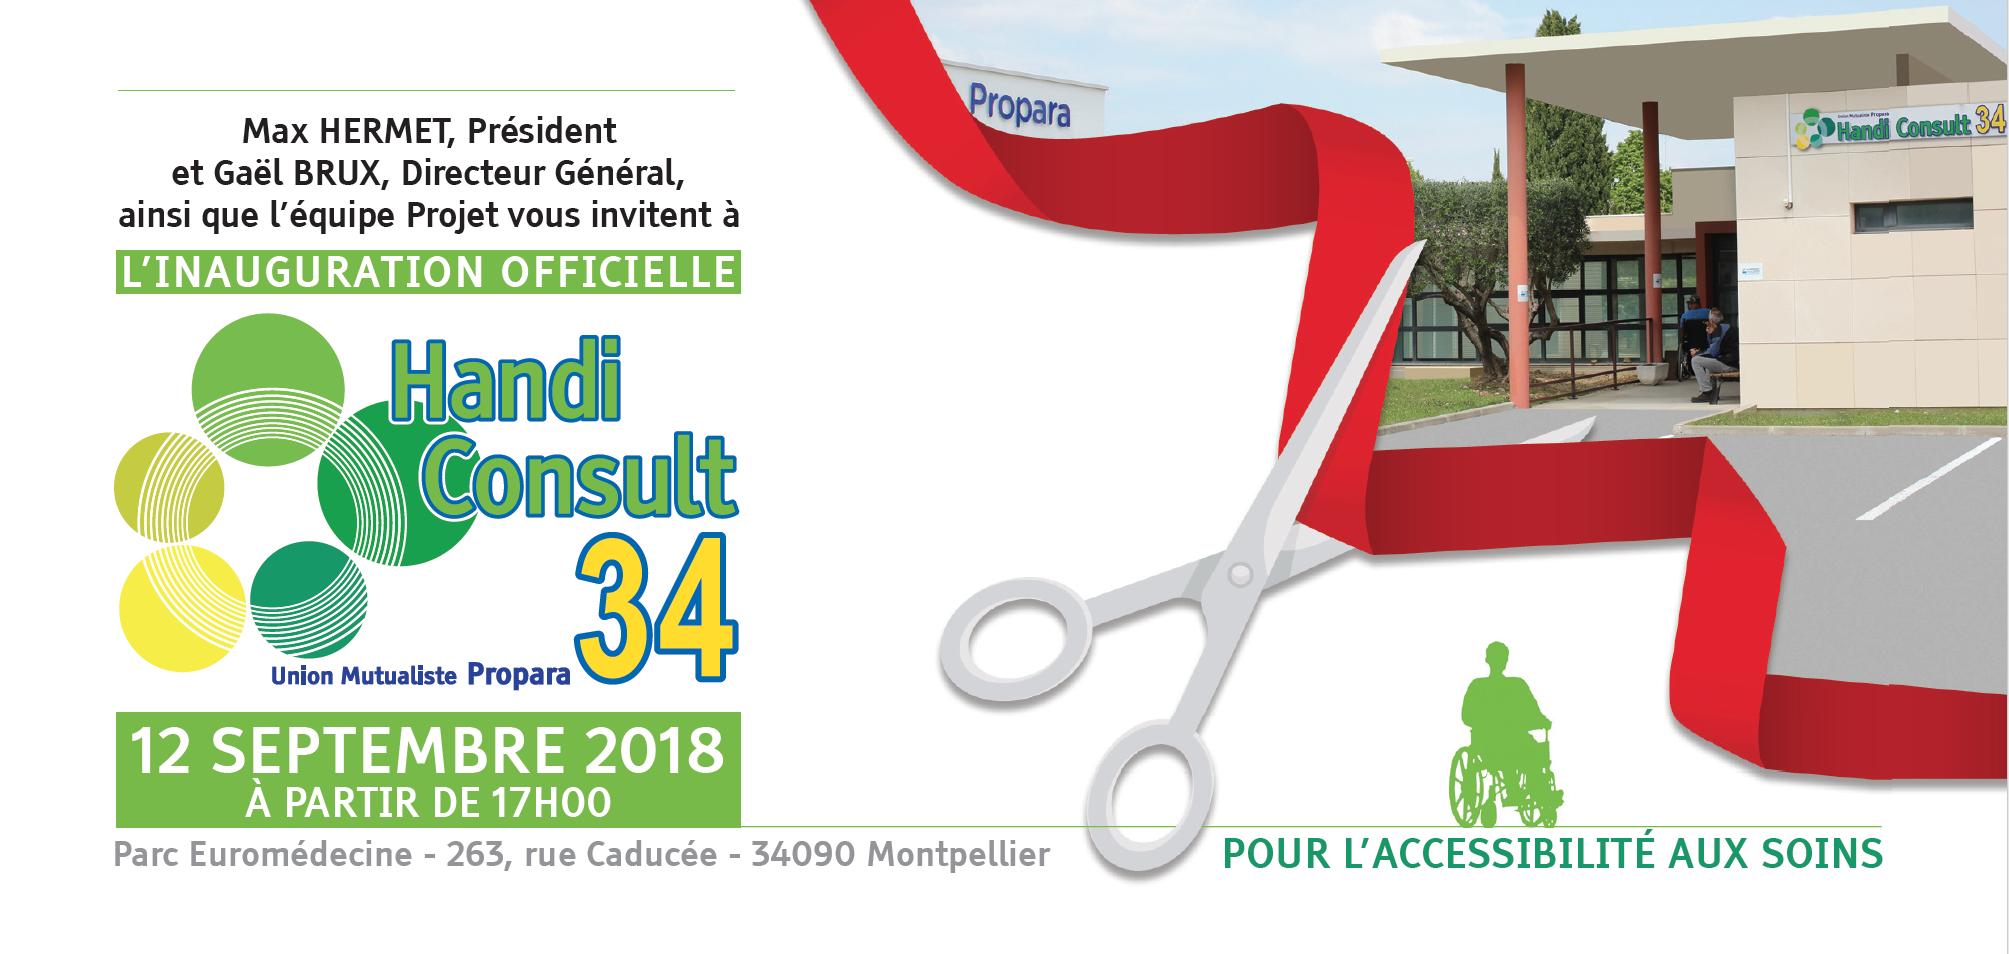 Invitation ingaururation officielle Handicap Consult 34 le 12 septembre 2018 à 17h l'Union Mutualiste Propara, parc euromédecine, 263 rue Caducée, 34090 Montpellier